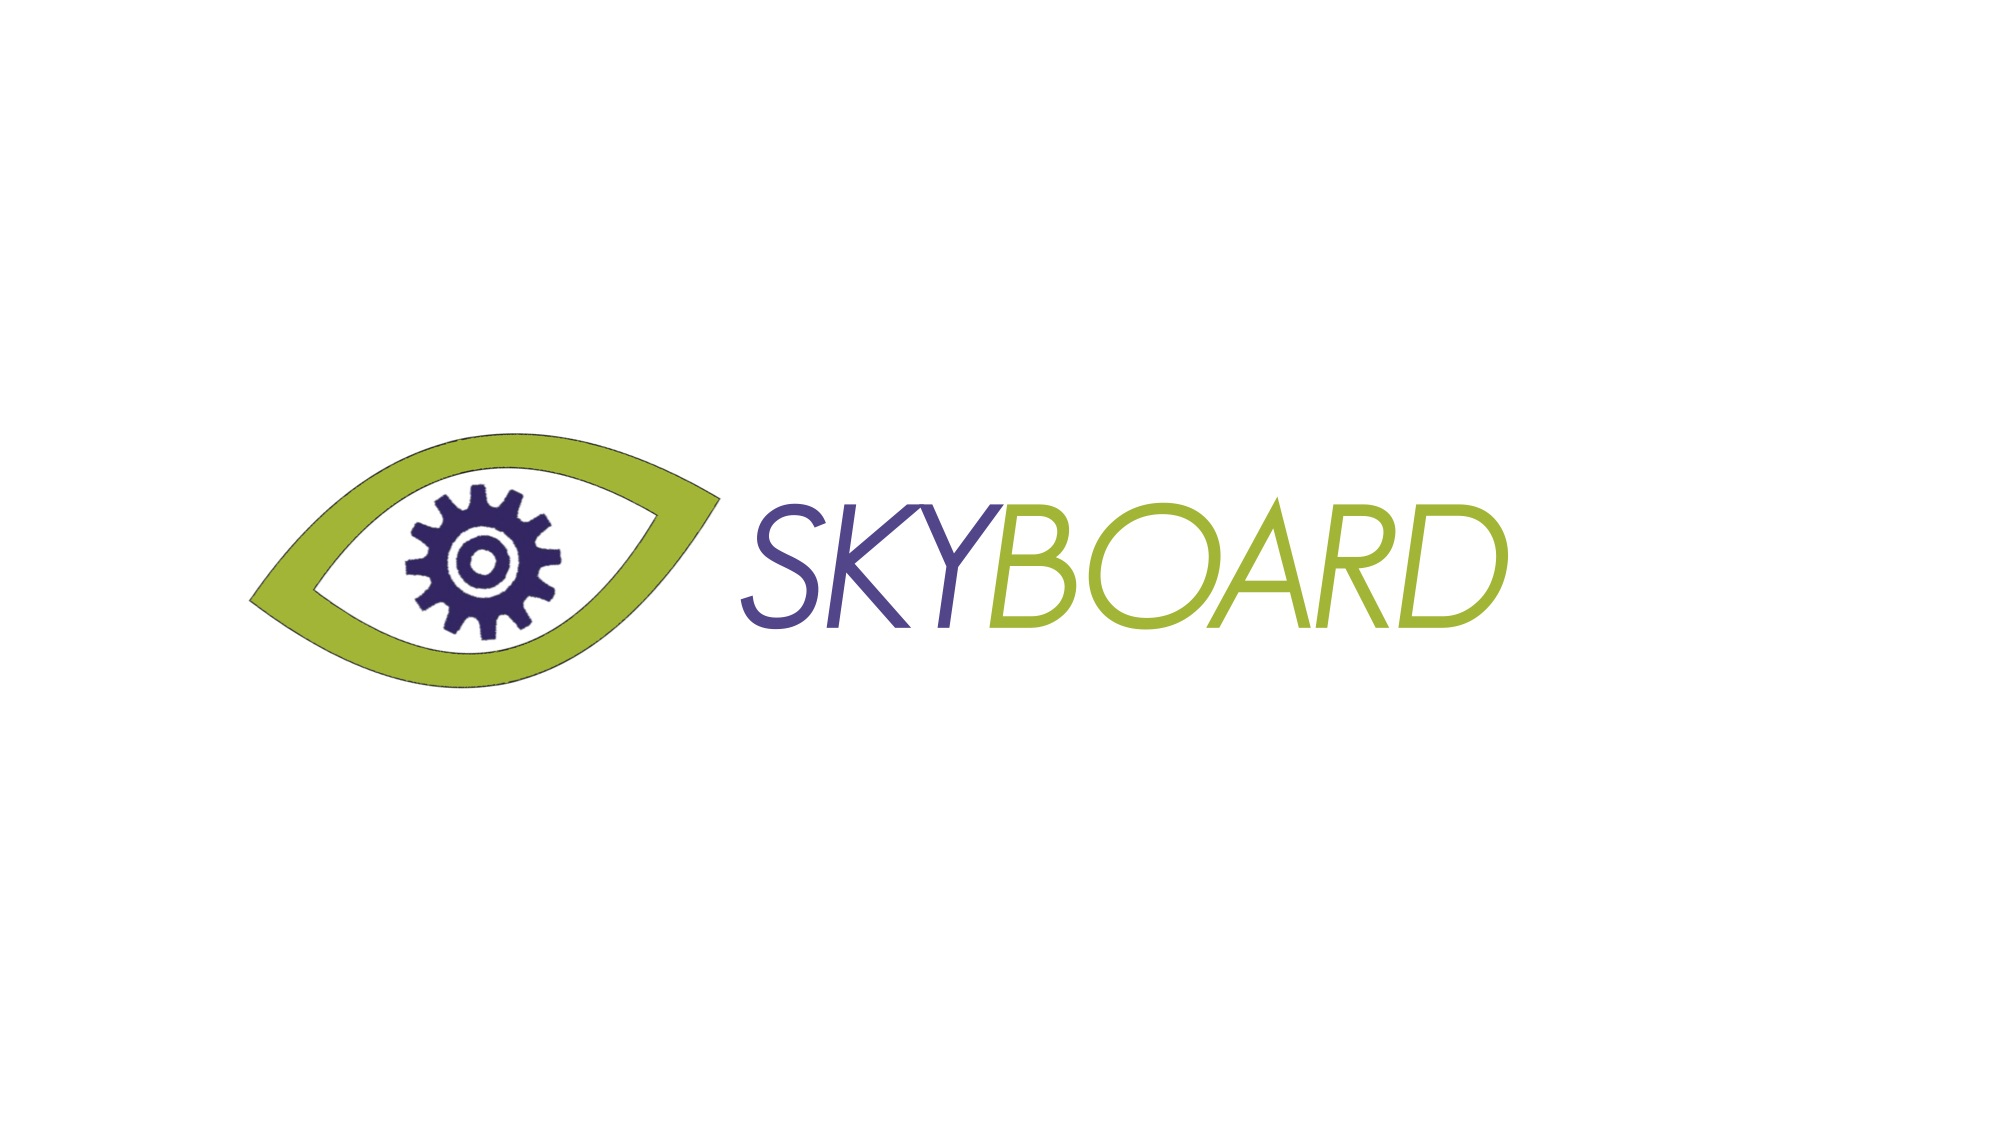 logo-skymanager-copie-glissées-1-e1539163673850.jpg